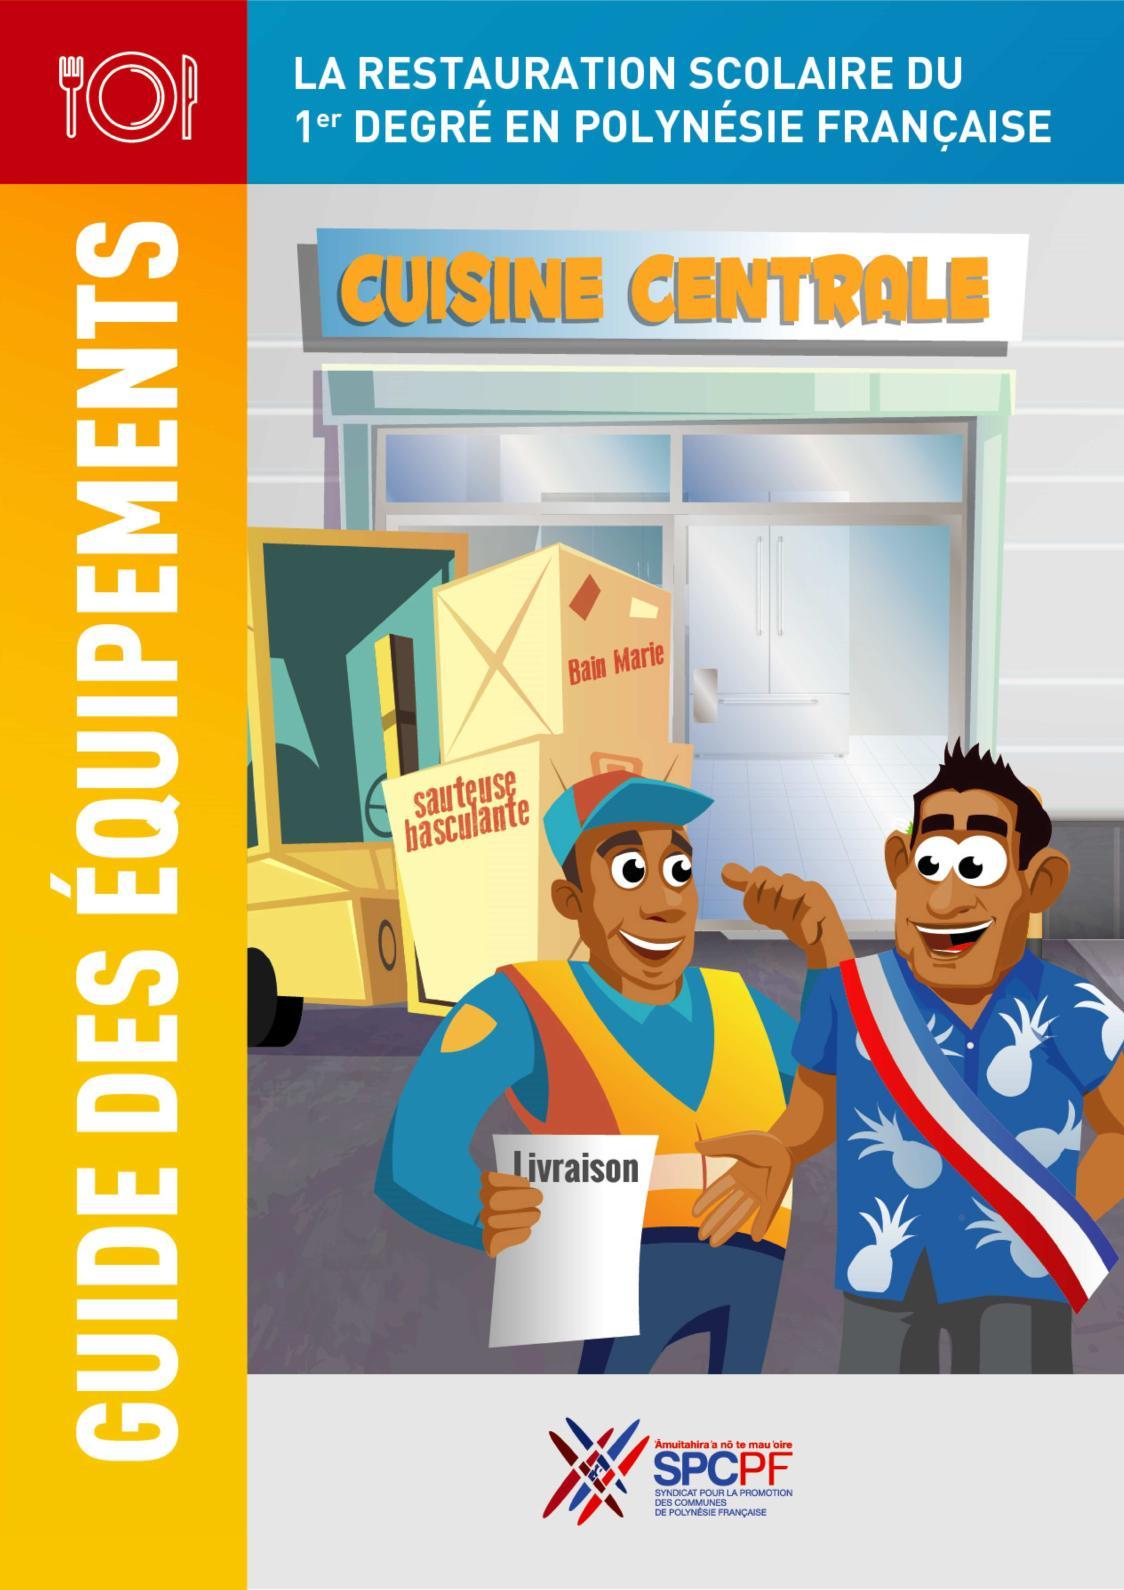 de cuisson//cuisine. Le juge mini cocotte 60 minute mécanique//manuel de cuisine minuteur